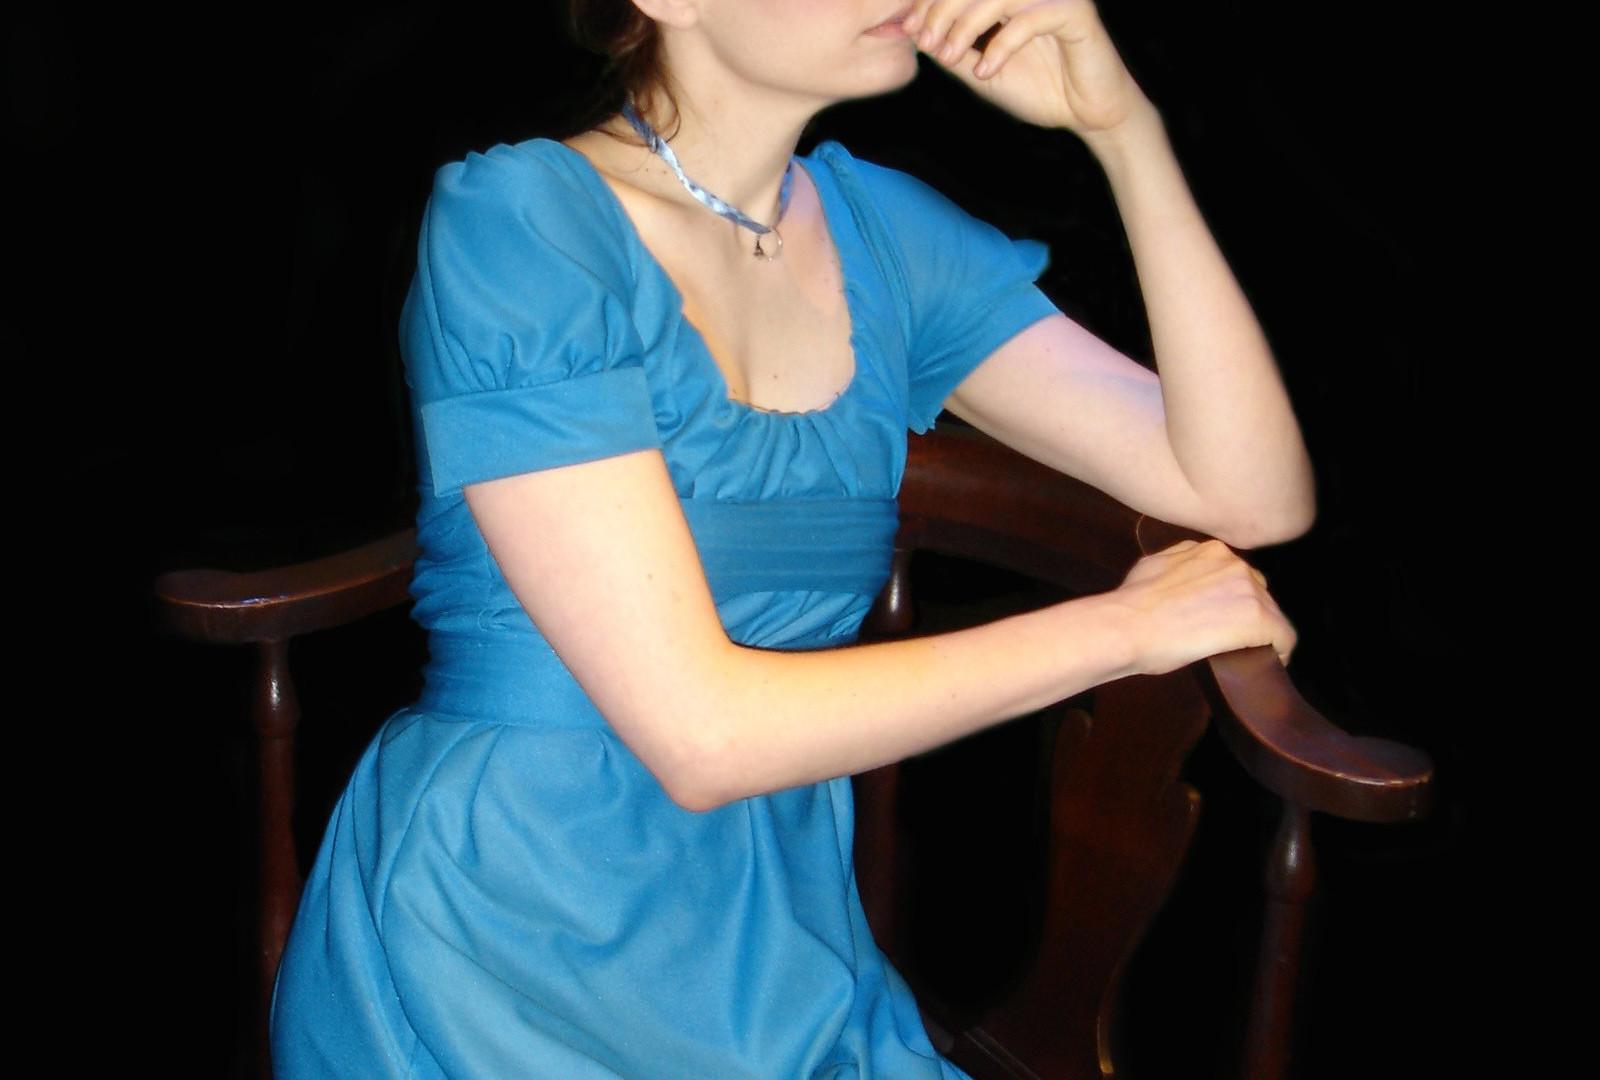 Grasmere written by Kristina Leach, directed by Noel Neeb. Cast: Rachel McKinney.